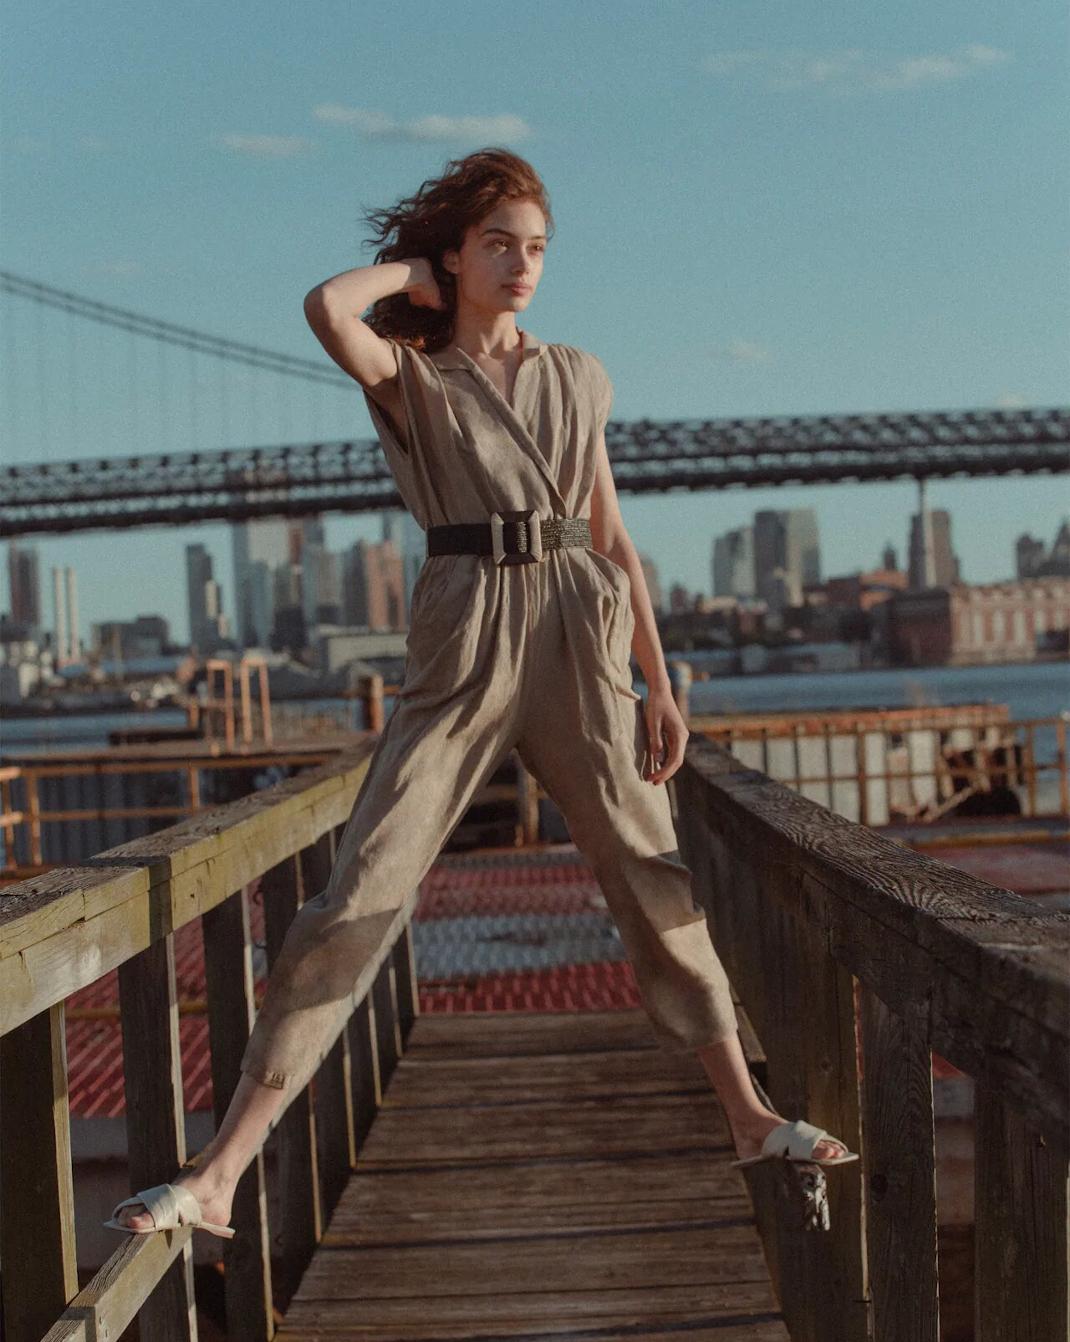 μπεζ ολόσωμη φόρμα Zara